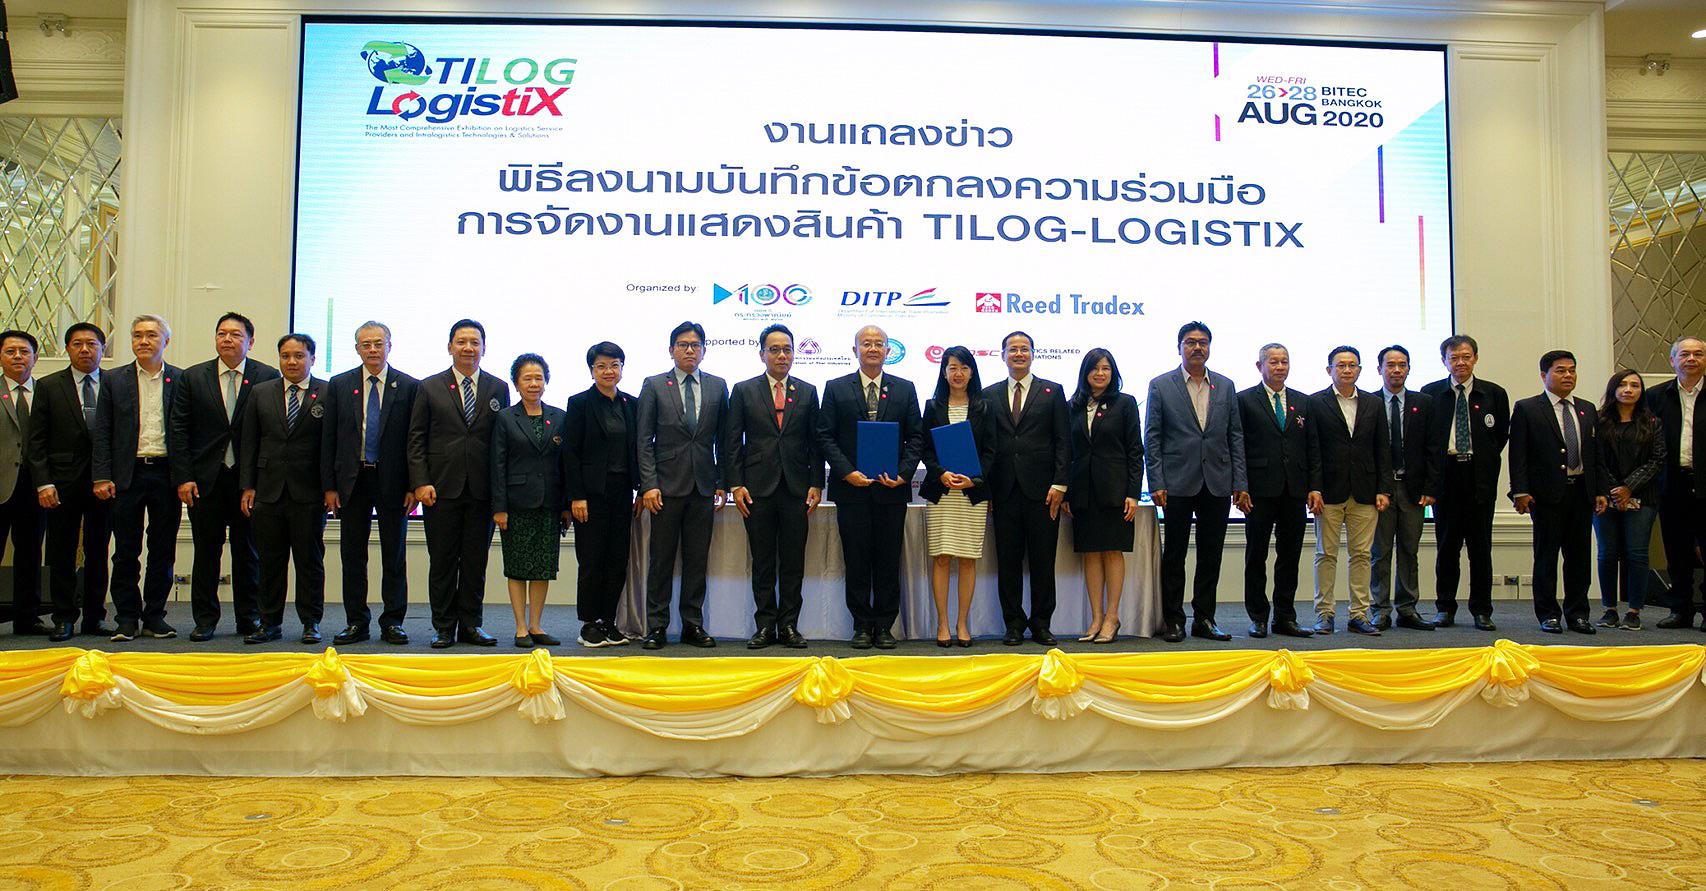 DITP จับมือ รี้ด เทรดเด็กซ์ จัดงานแสดงสินค้า TILOG – LOGISTIX ตอกย้ำไทยเป็นศูนย์กลางโลจิสติกส์อาเซียน